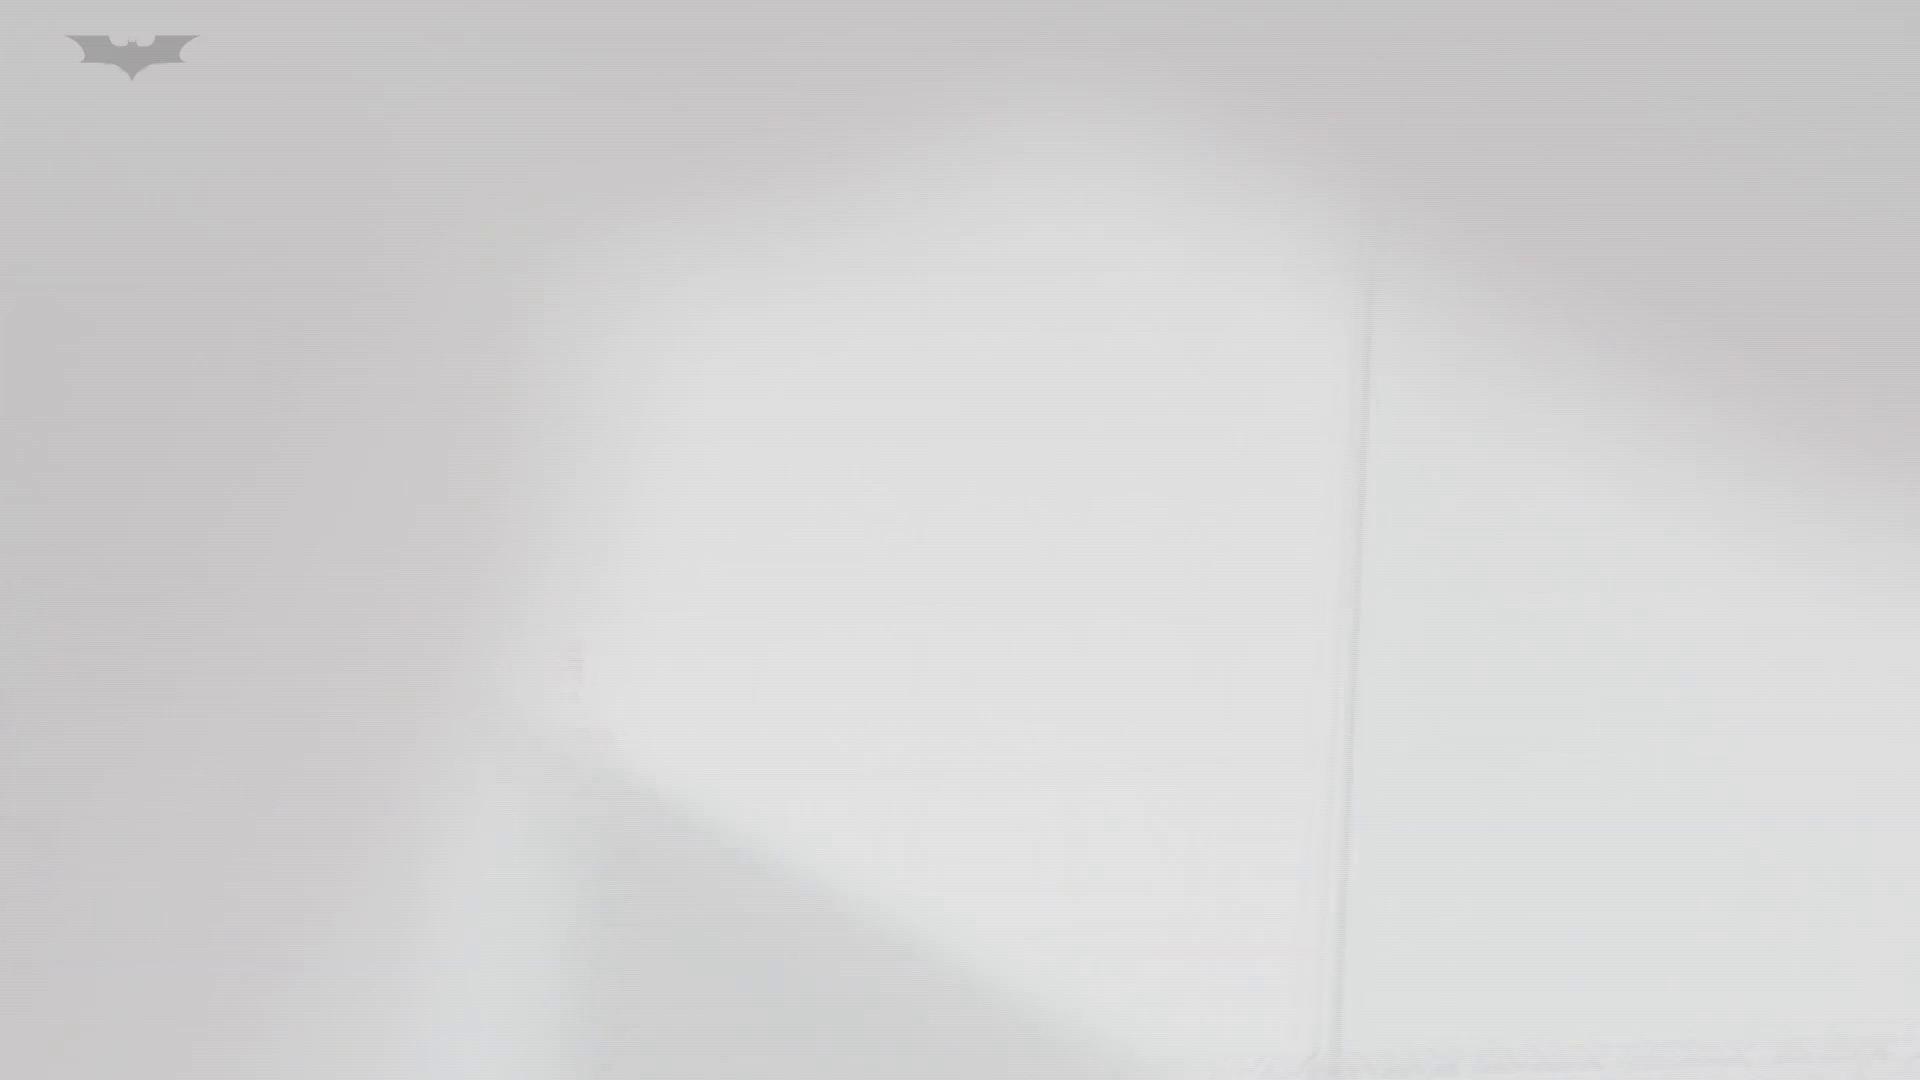 美しい日本の未来 No.24近すぎて怖っ! お姉さん達のオマンコ エロ画像 17連発 3